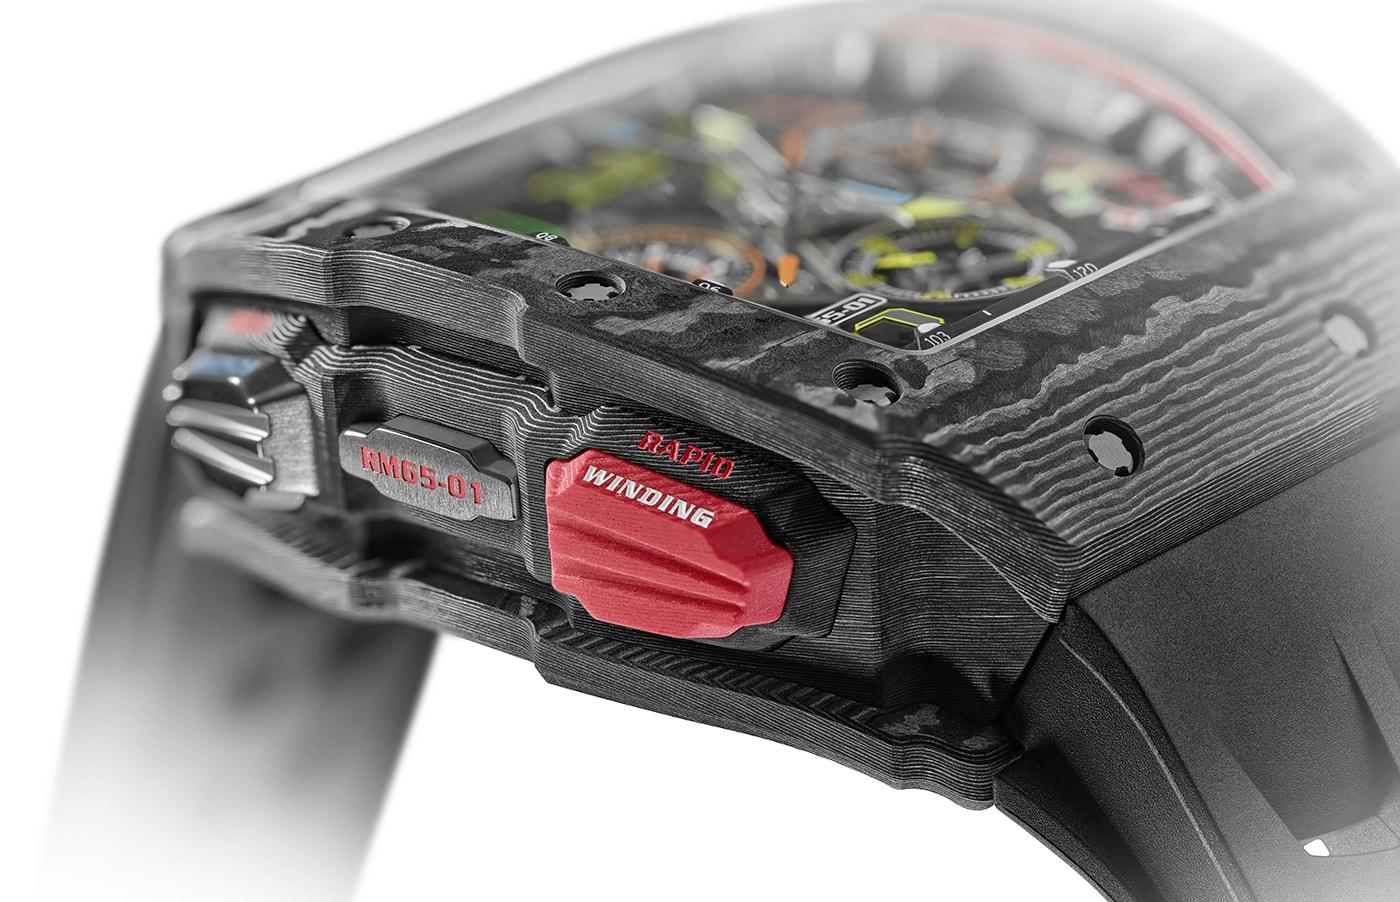 Richard Mille RM 65 01 Automatic Split Seconds Chronograph 5 min